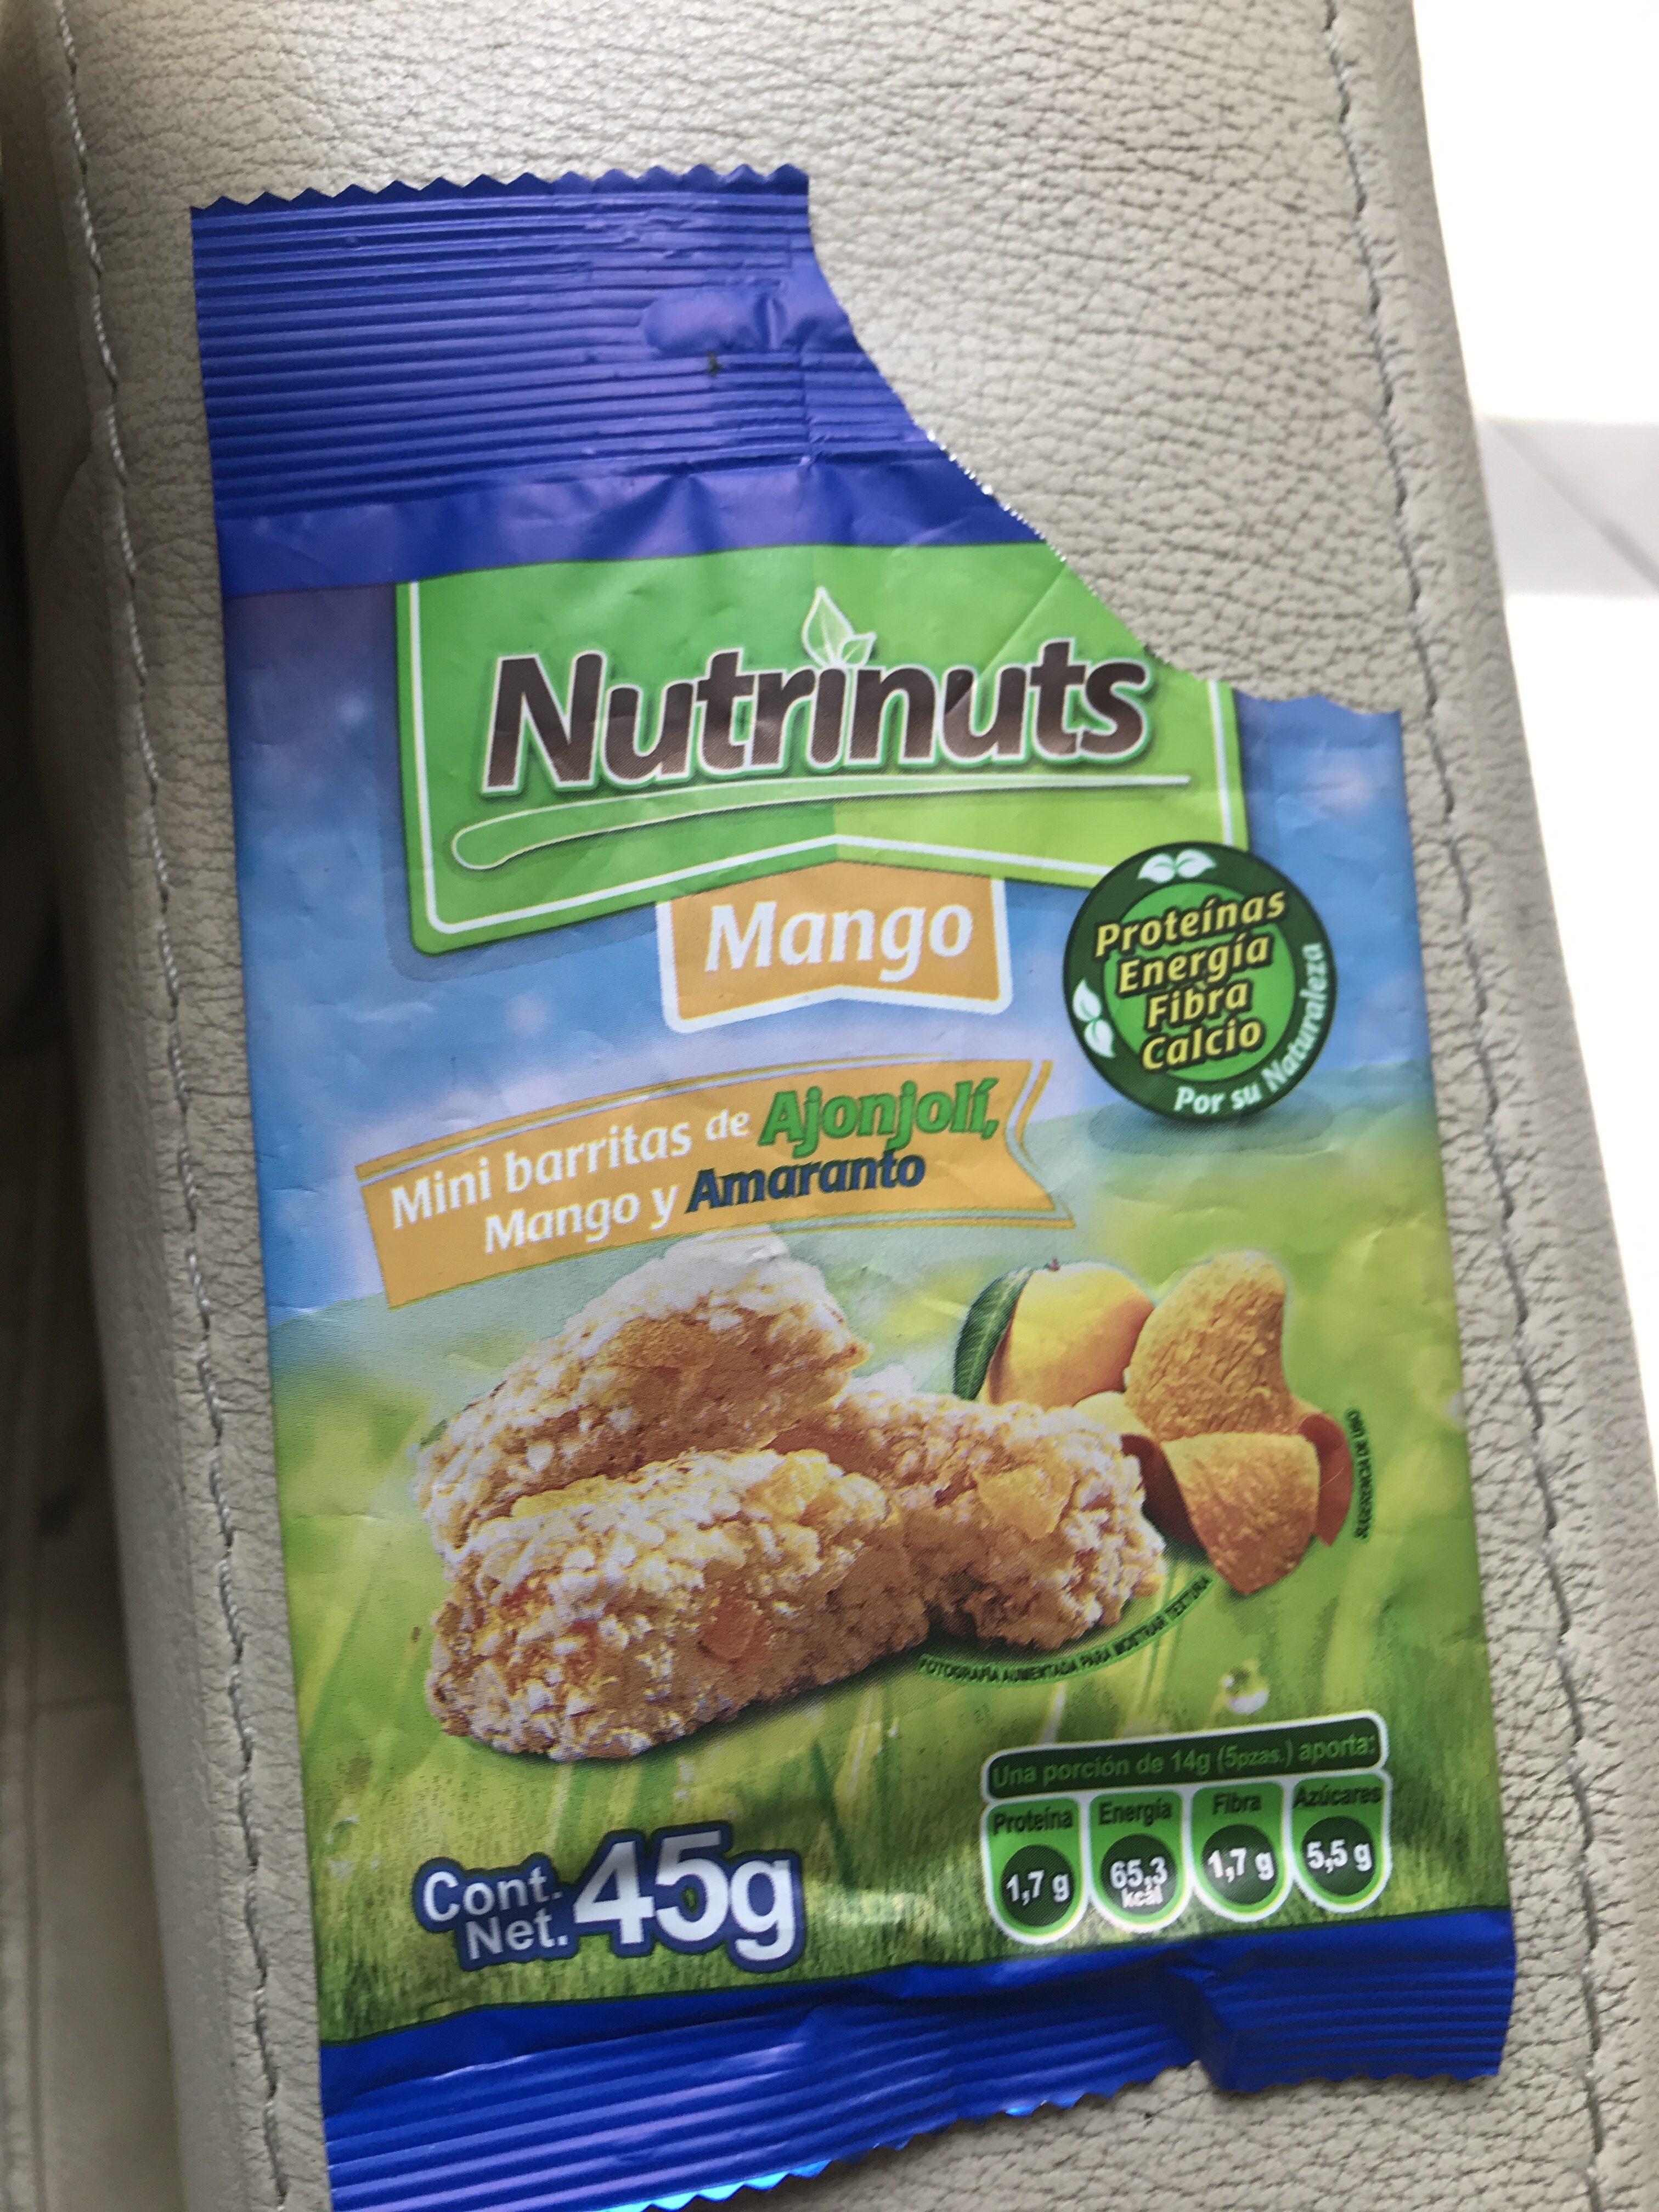 Nutrinuts mango - Producto - es